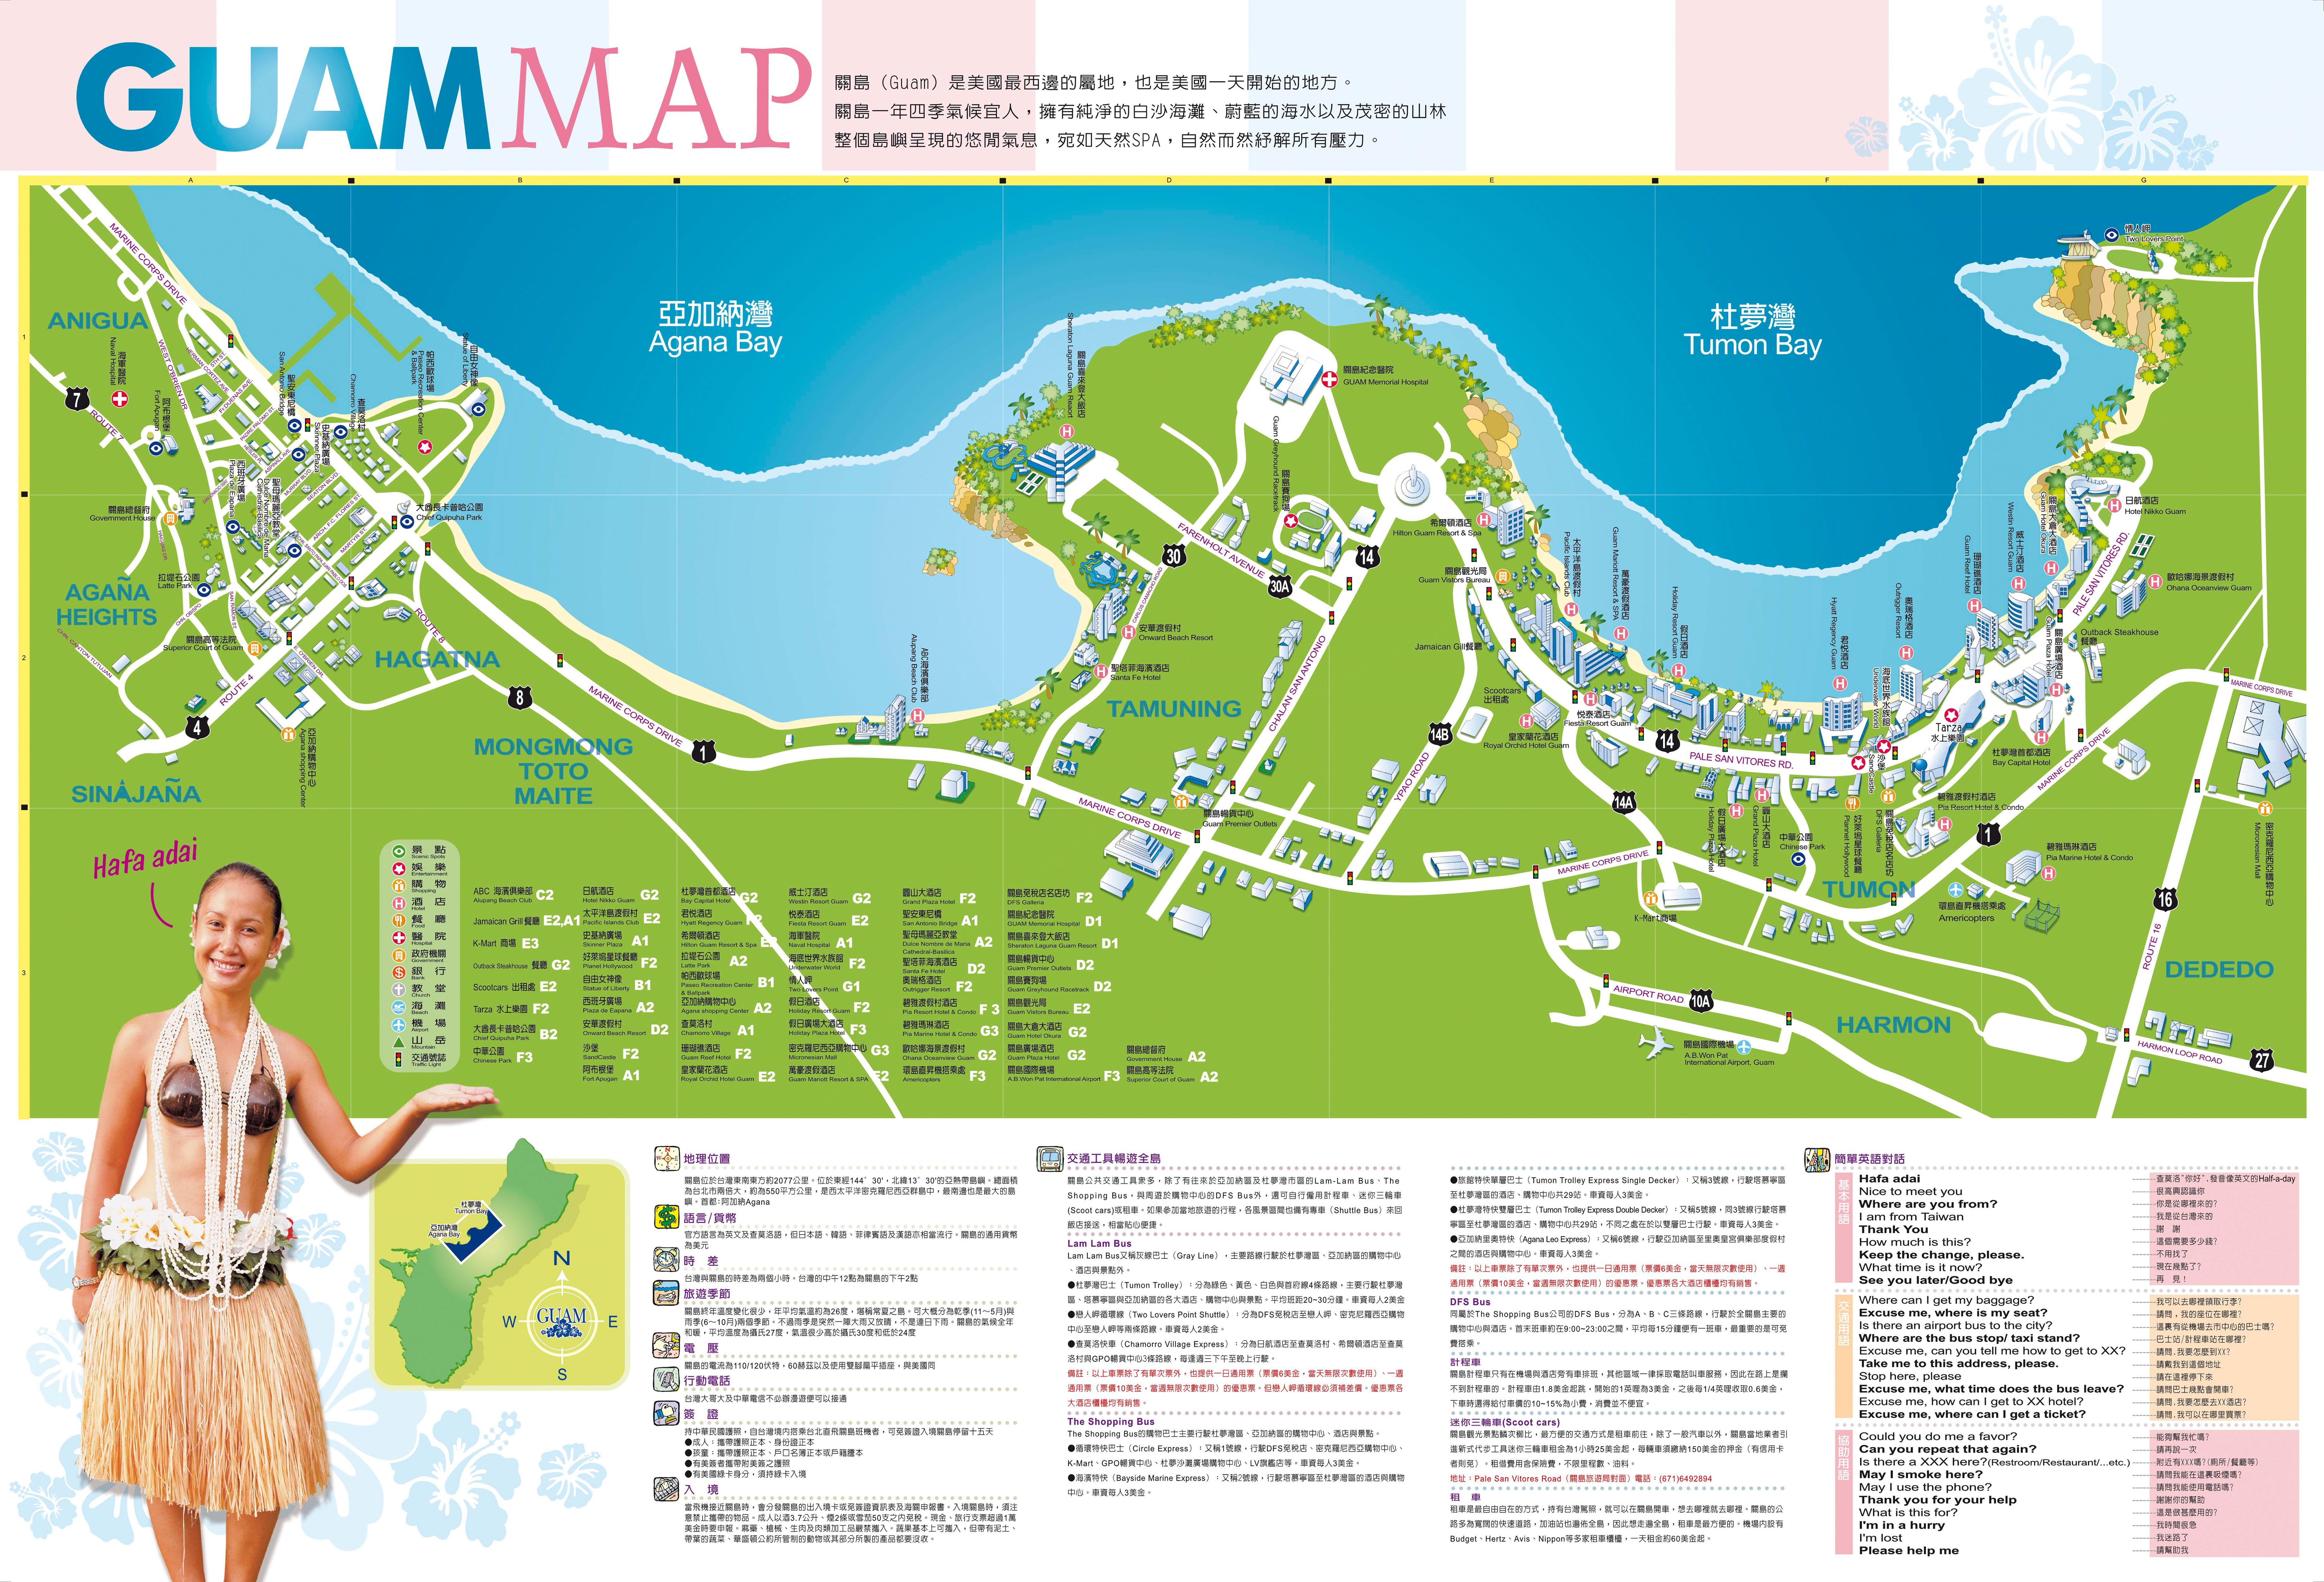 Four Maps Of Guam Bon Voyage Ving Be Safe - Guam map